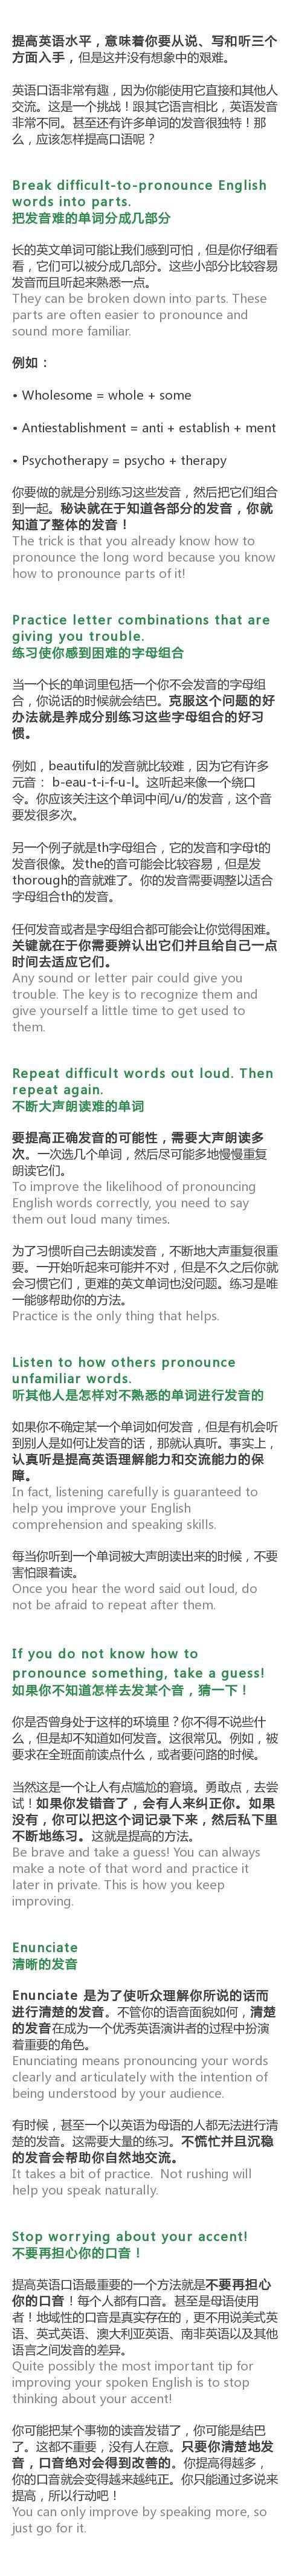 教你七个口语小妙招,让你英语说的和老外一样地道